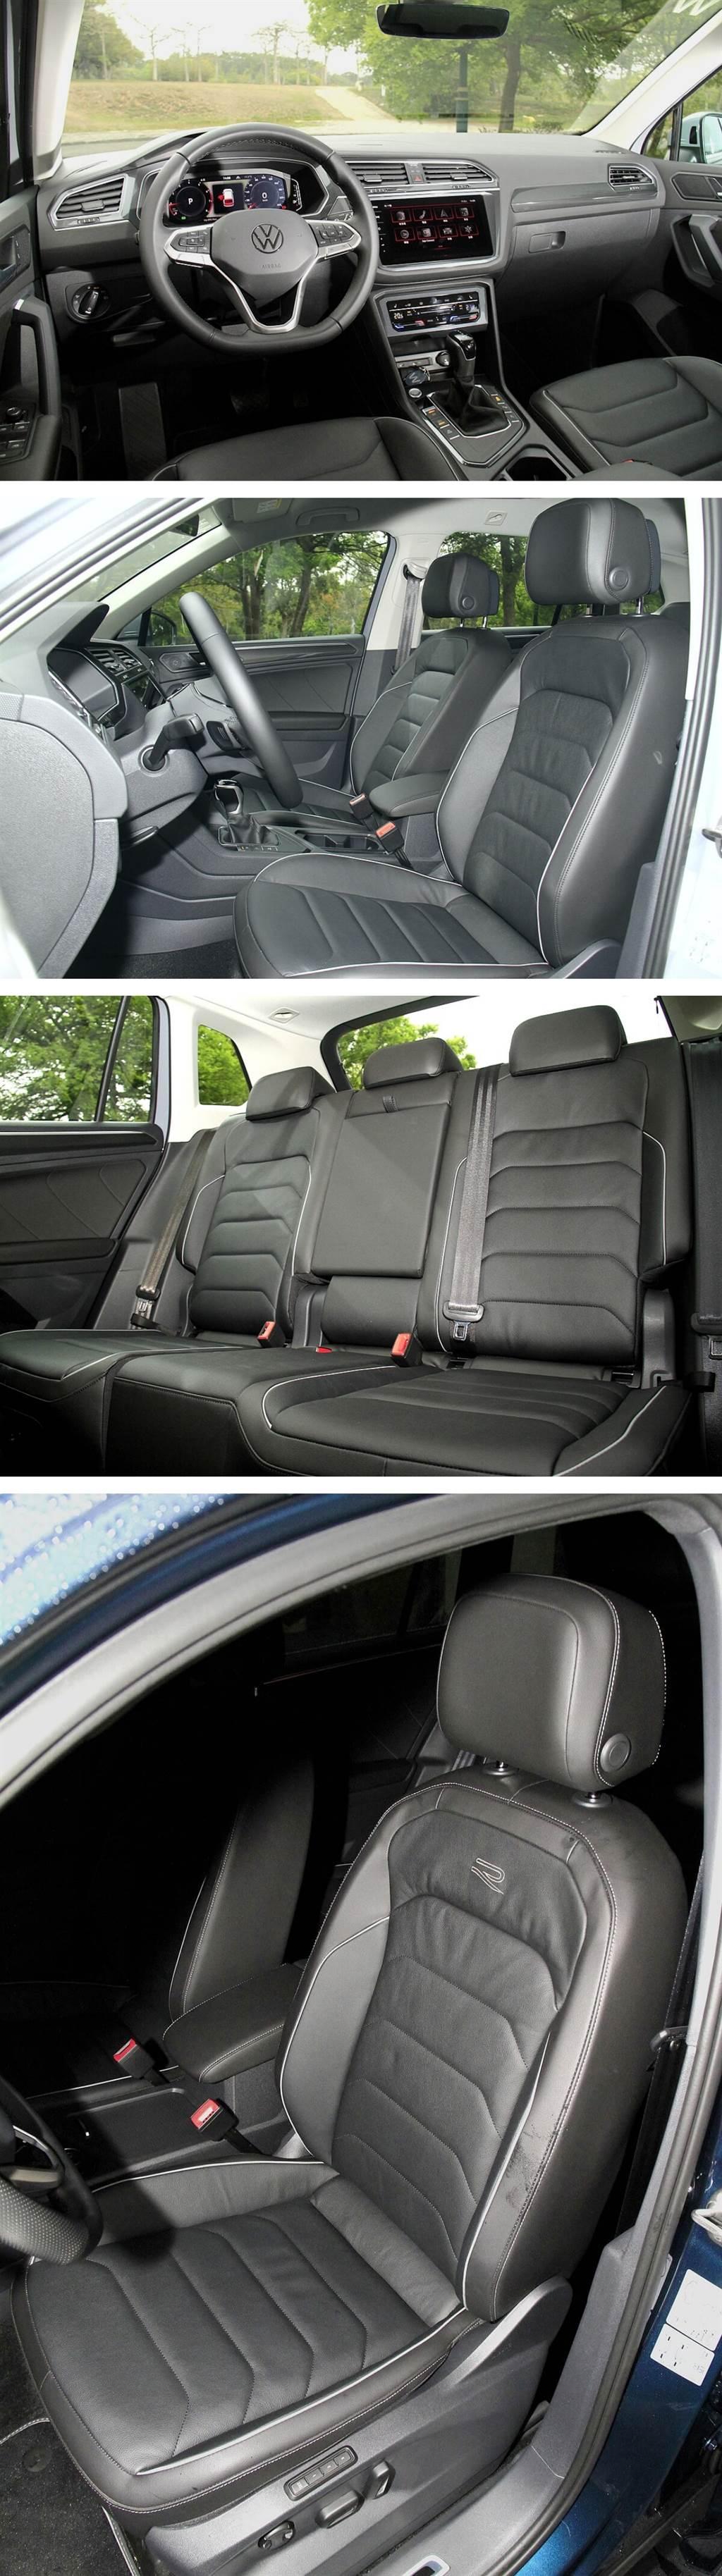 Tiguan 380 TSI R-Line Performance與280 TSI Elegance都是配置相同的Vienna運動型真皮座椅,但前者特別加上了全新設計的「R」標誌。